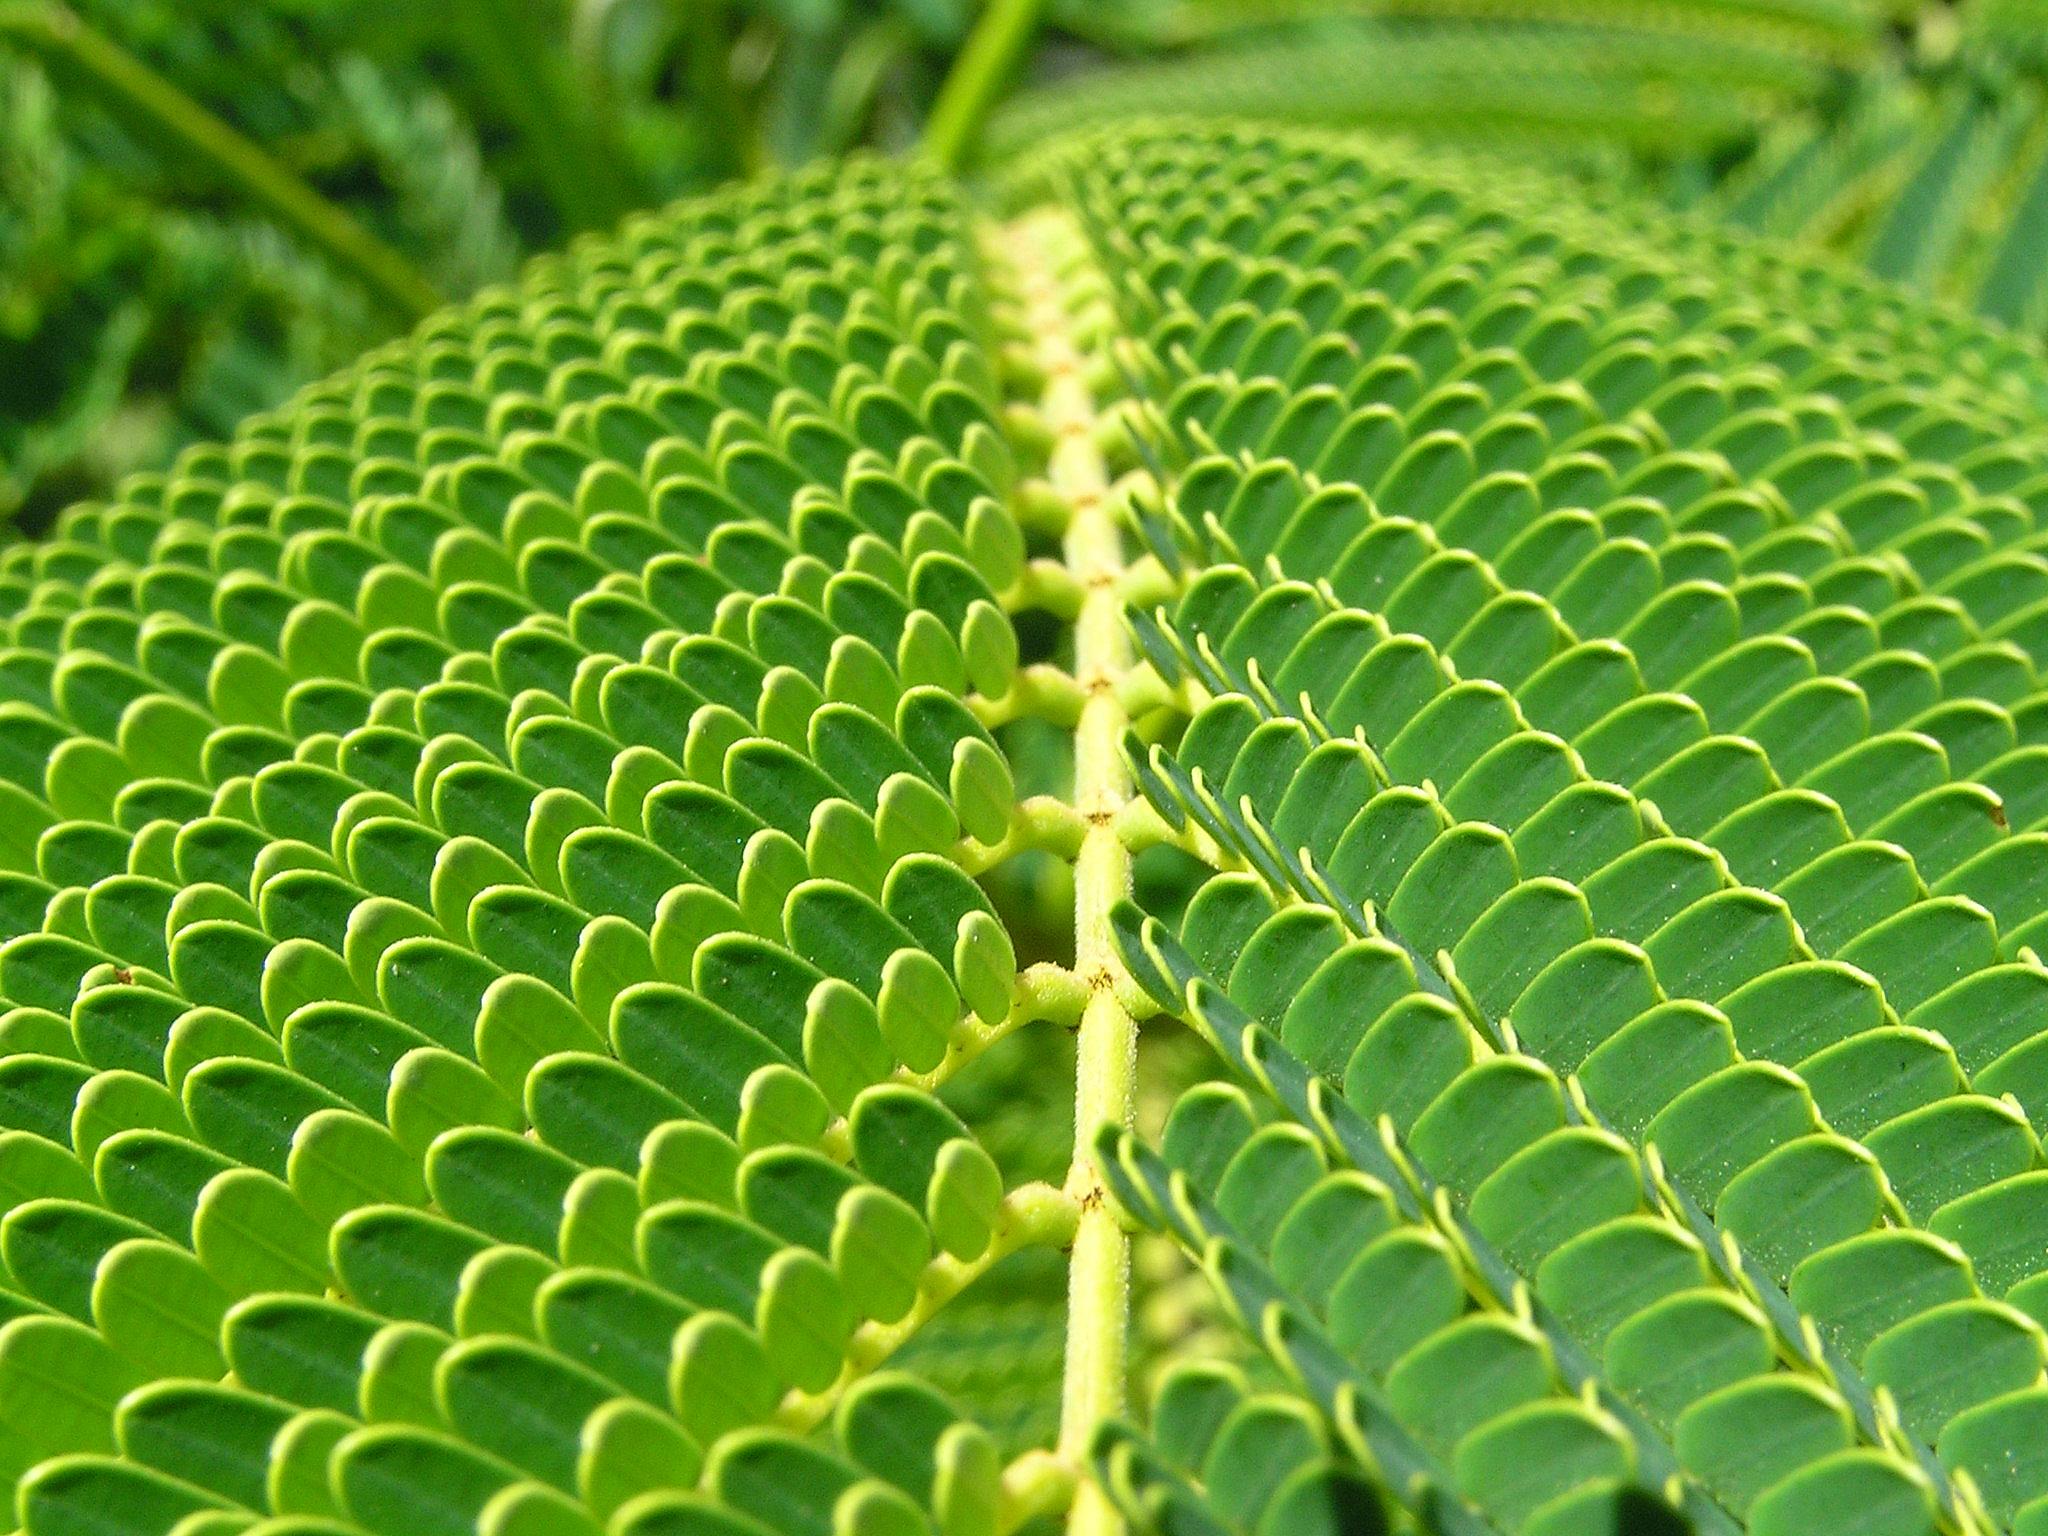 File:Unidentified fern macro.jpg